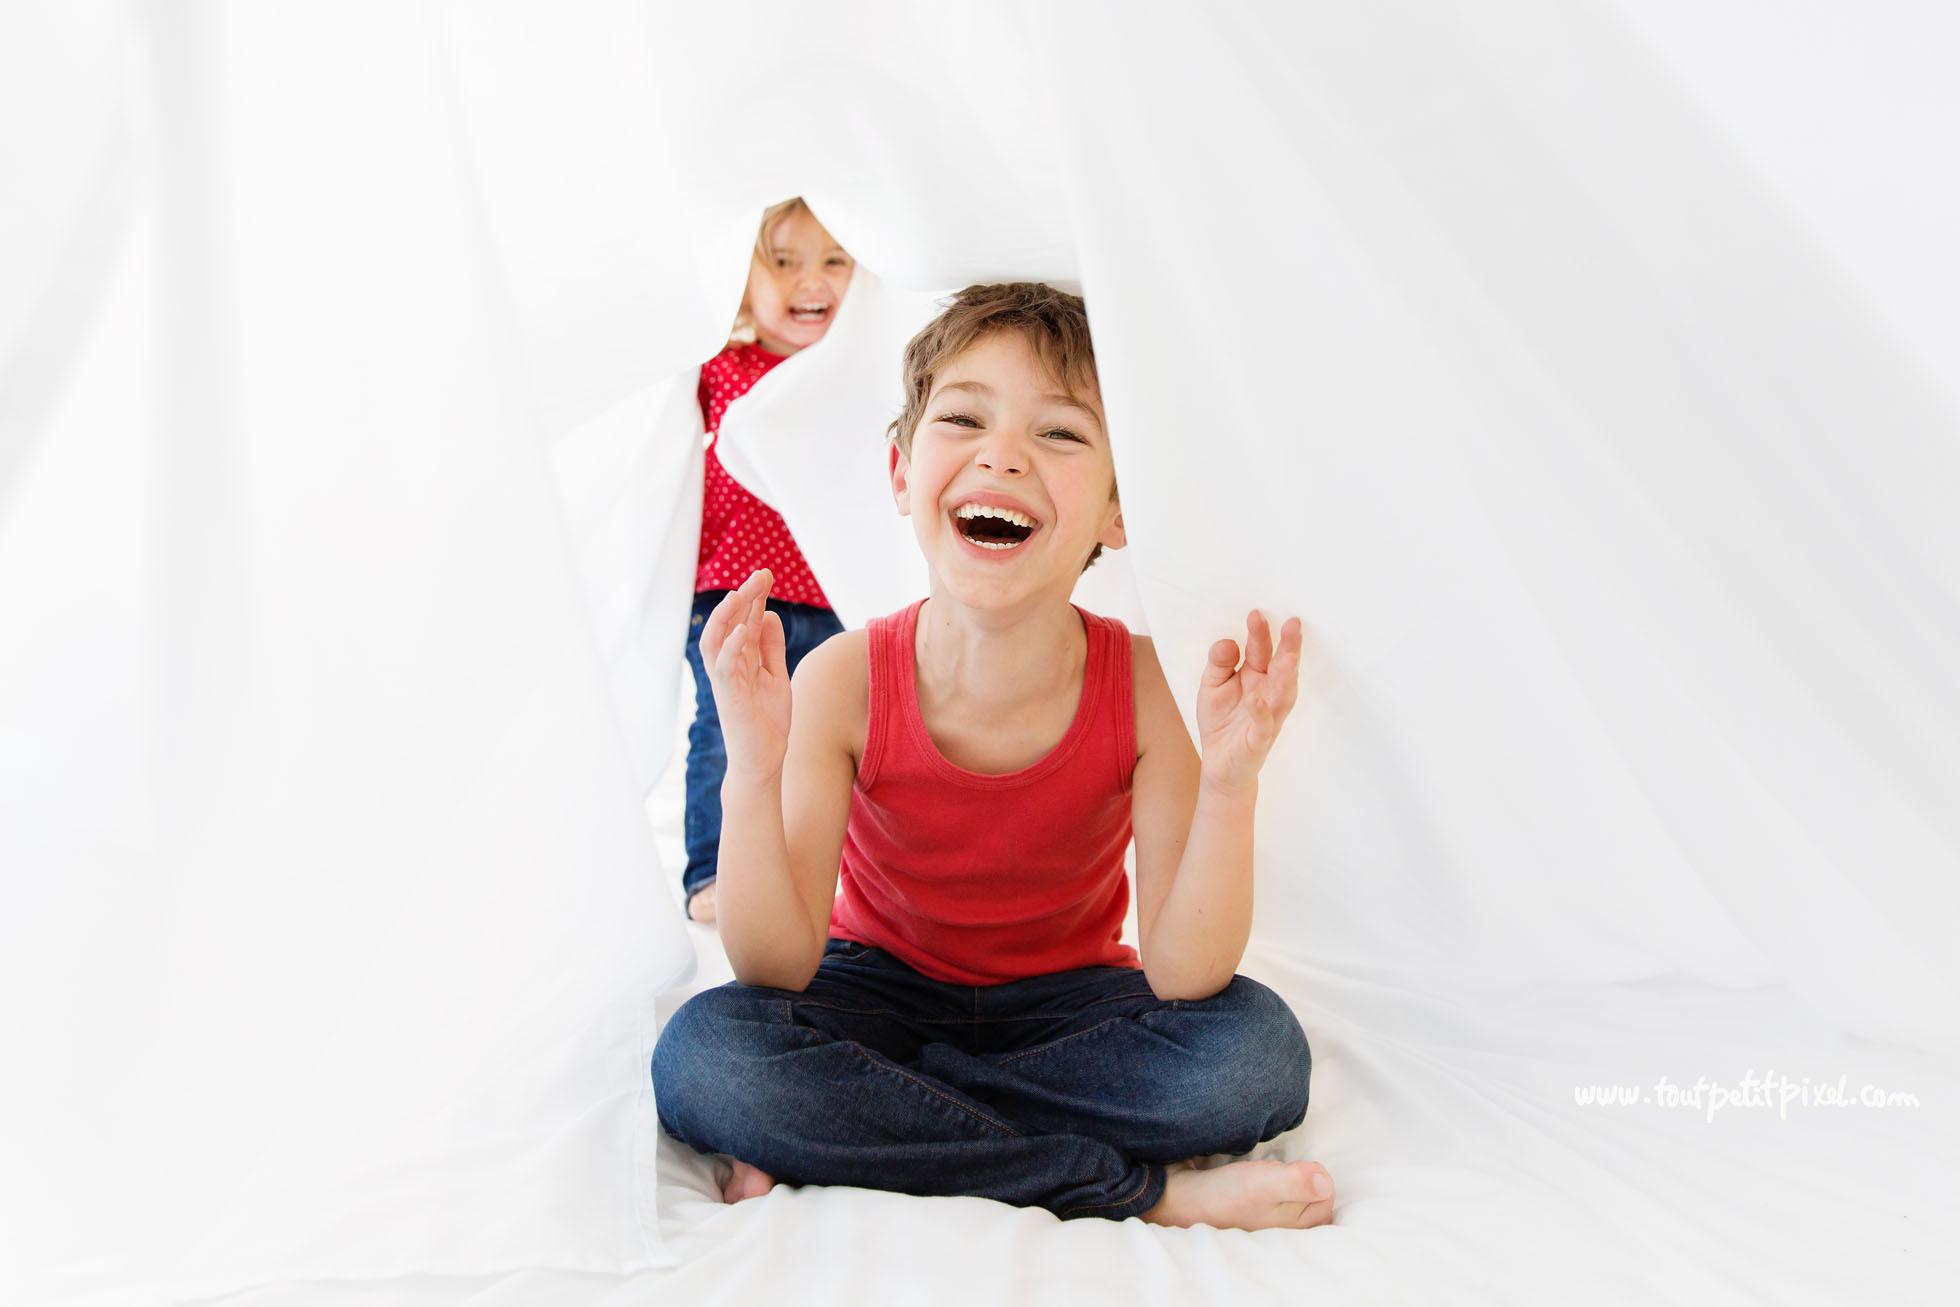 capturing joy online workshop with Lisa Tichane through Clickin Moms